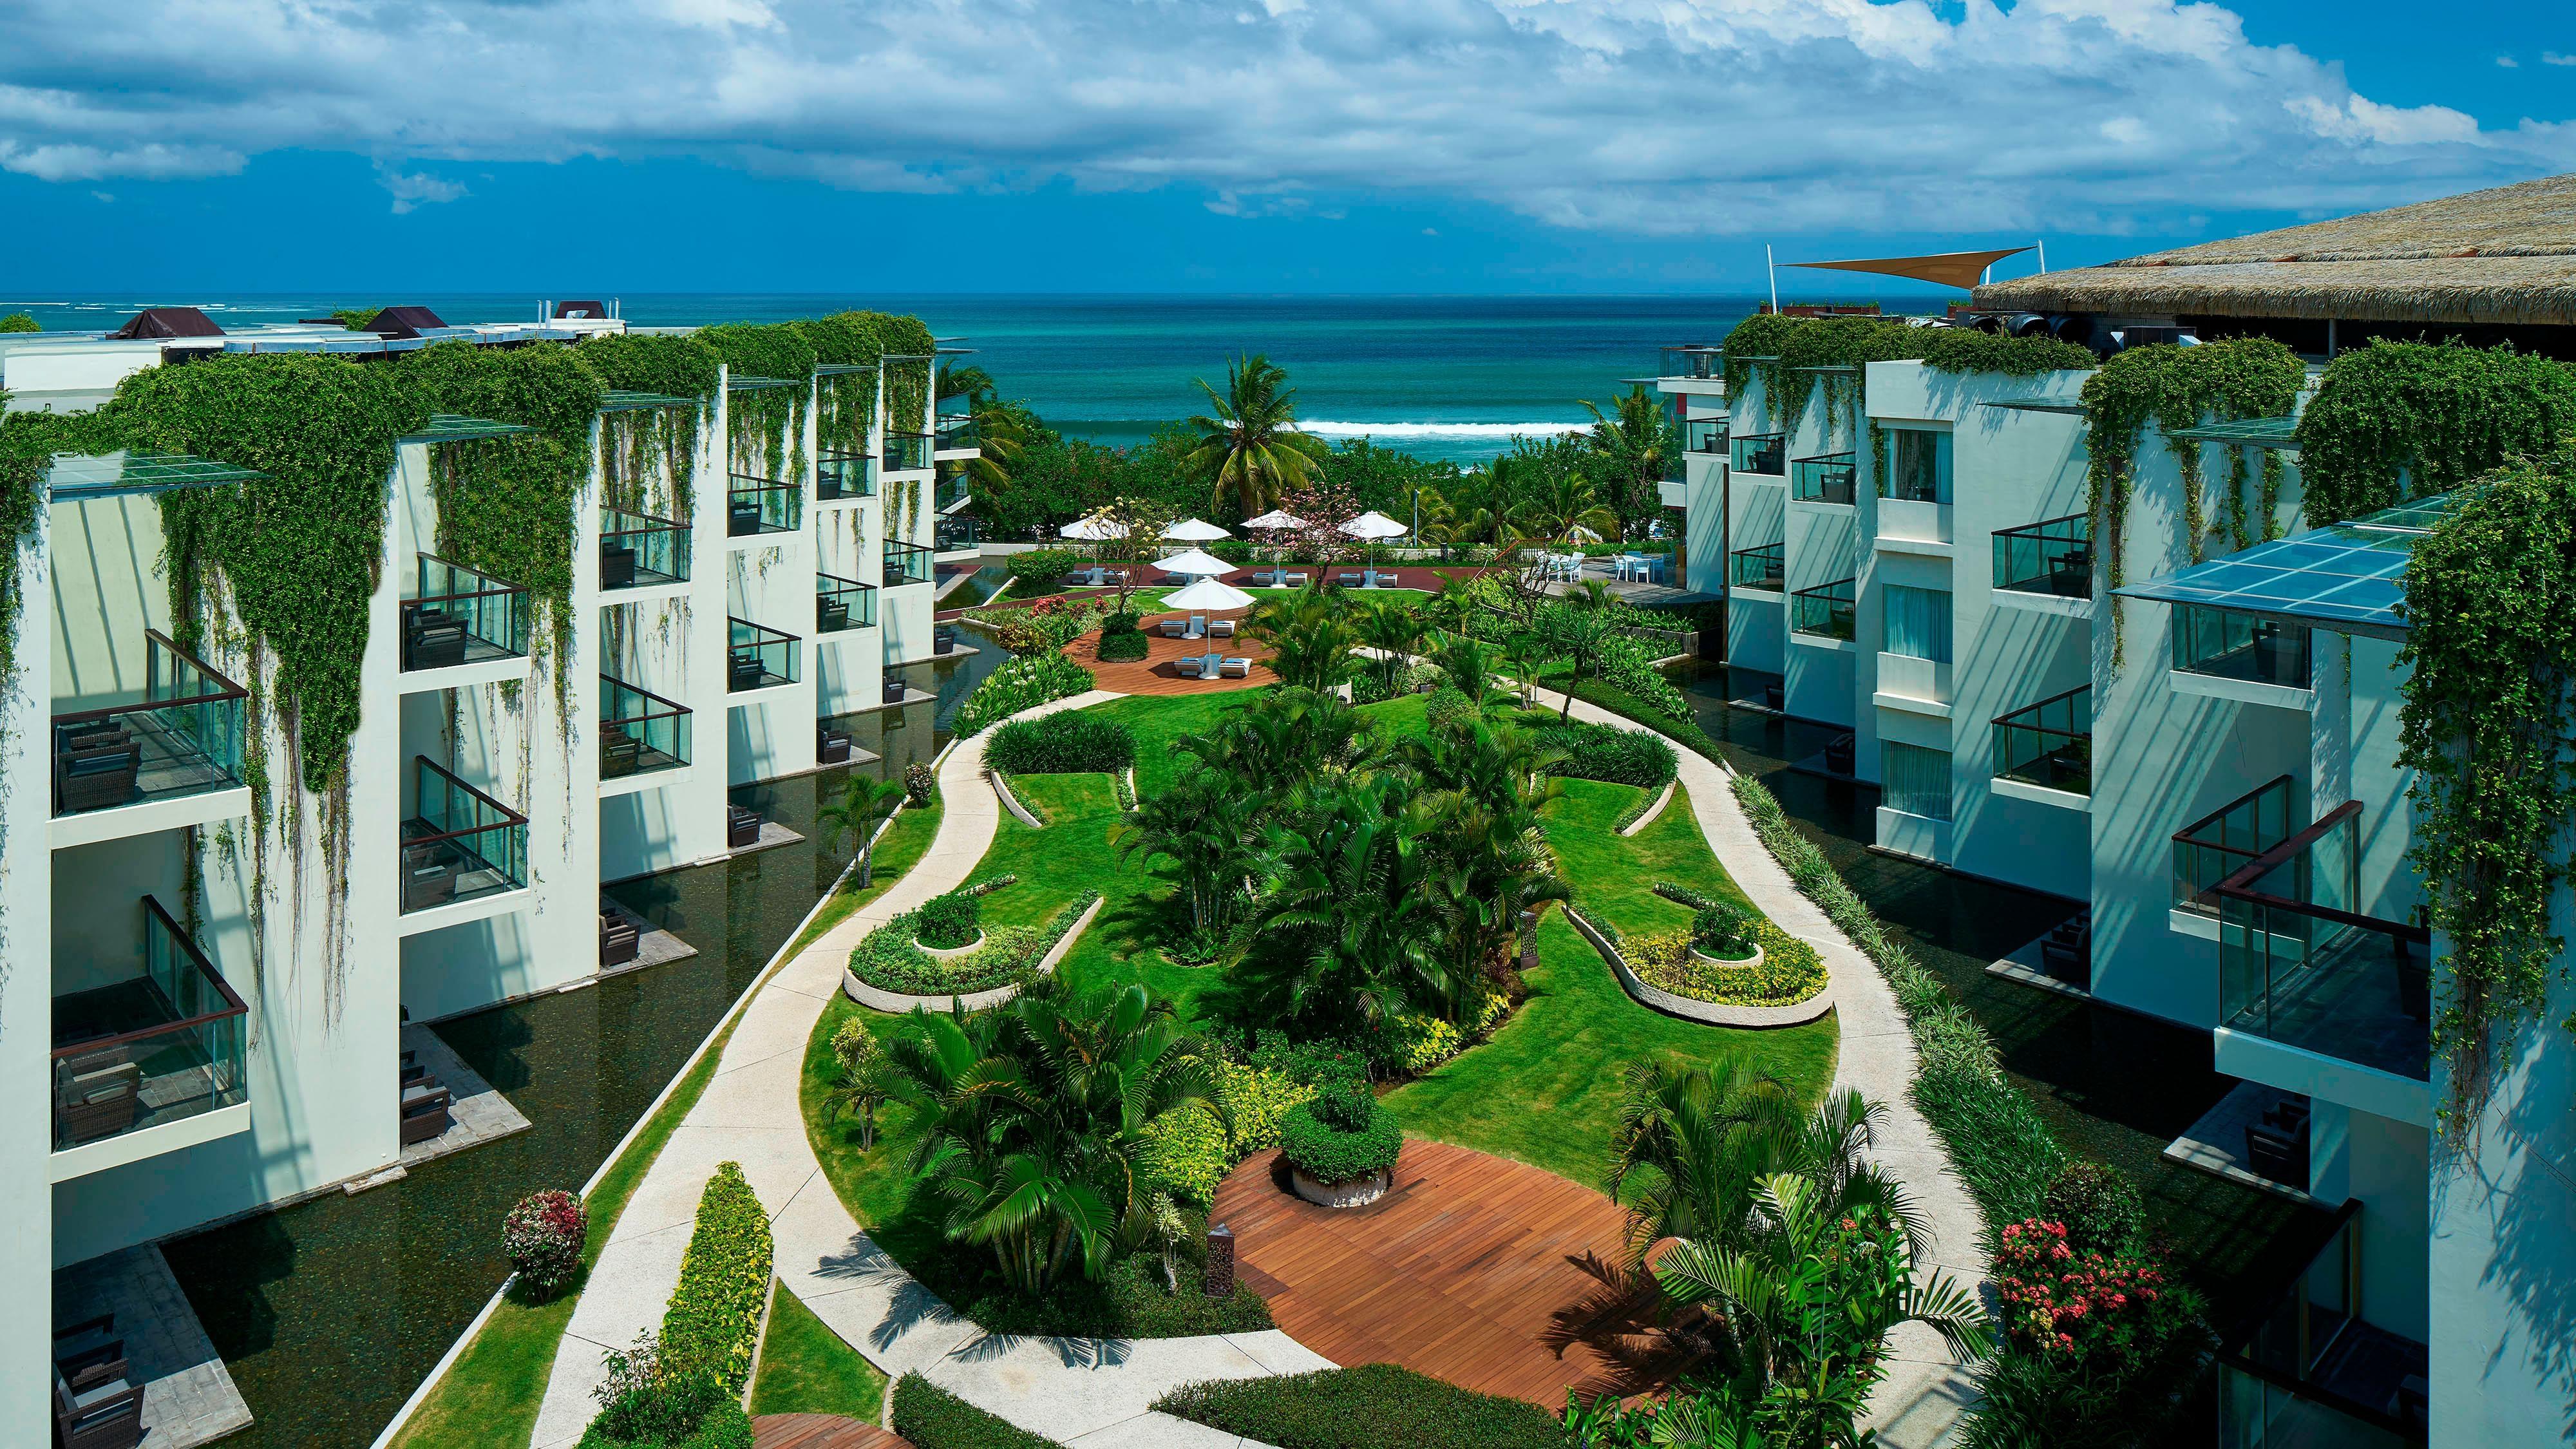 Bali Kuta Resort - Beach Hotel Marriott Bonvoy